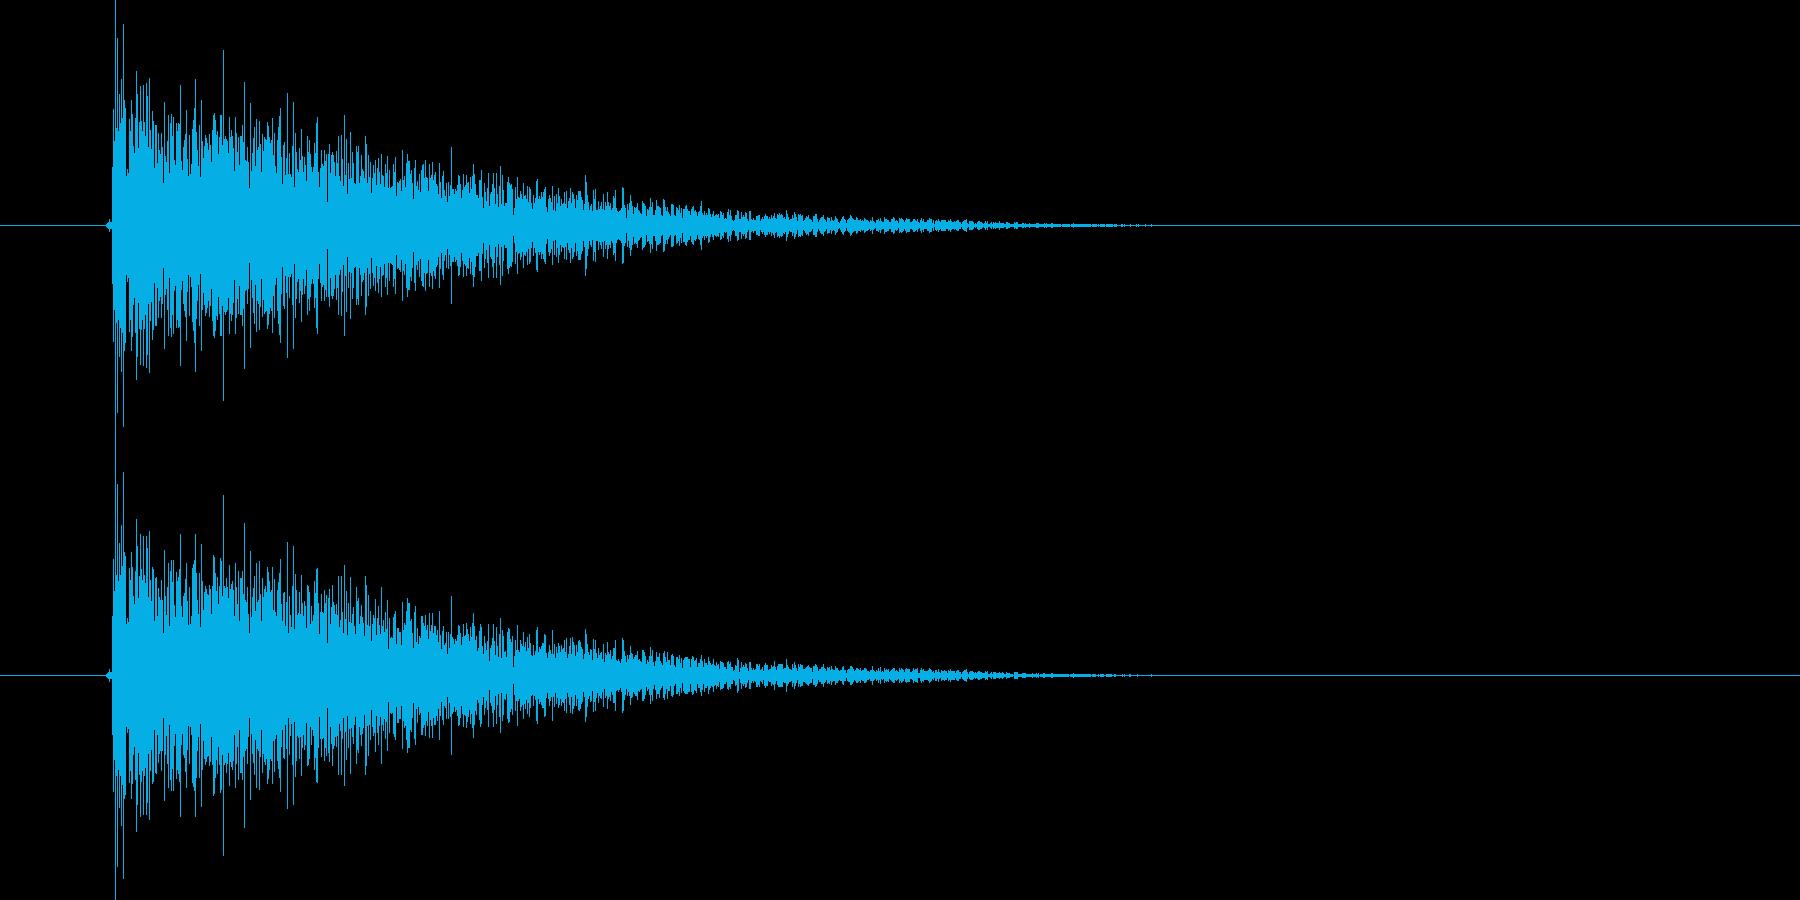 ダダーン!(迫力のある出題音)の再生済みの波形